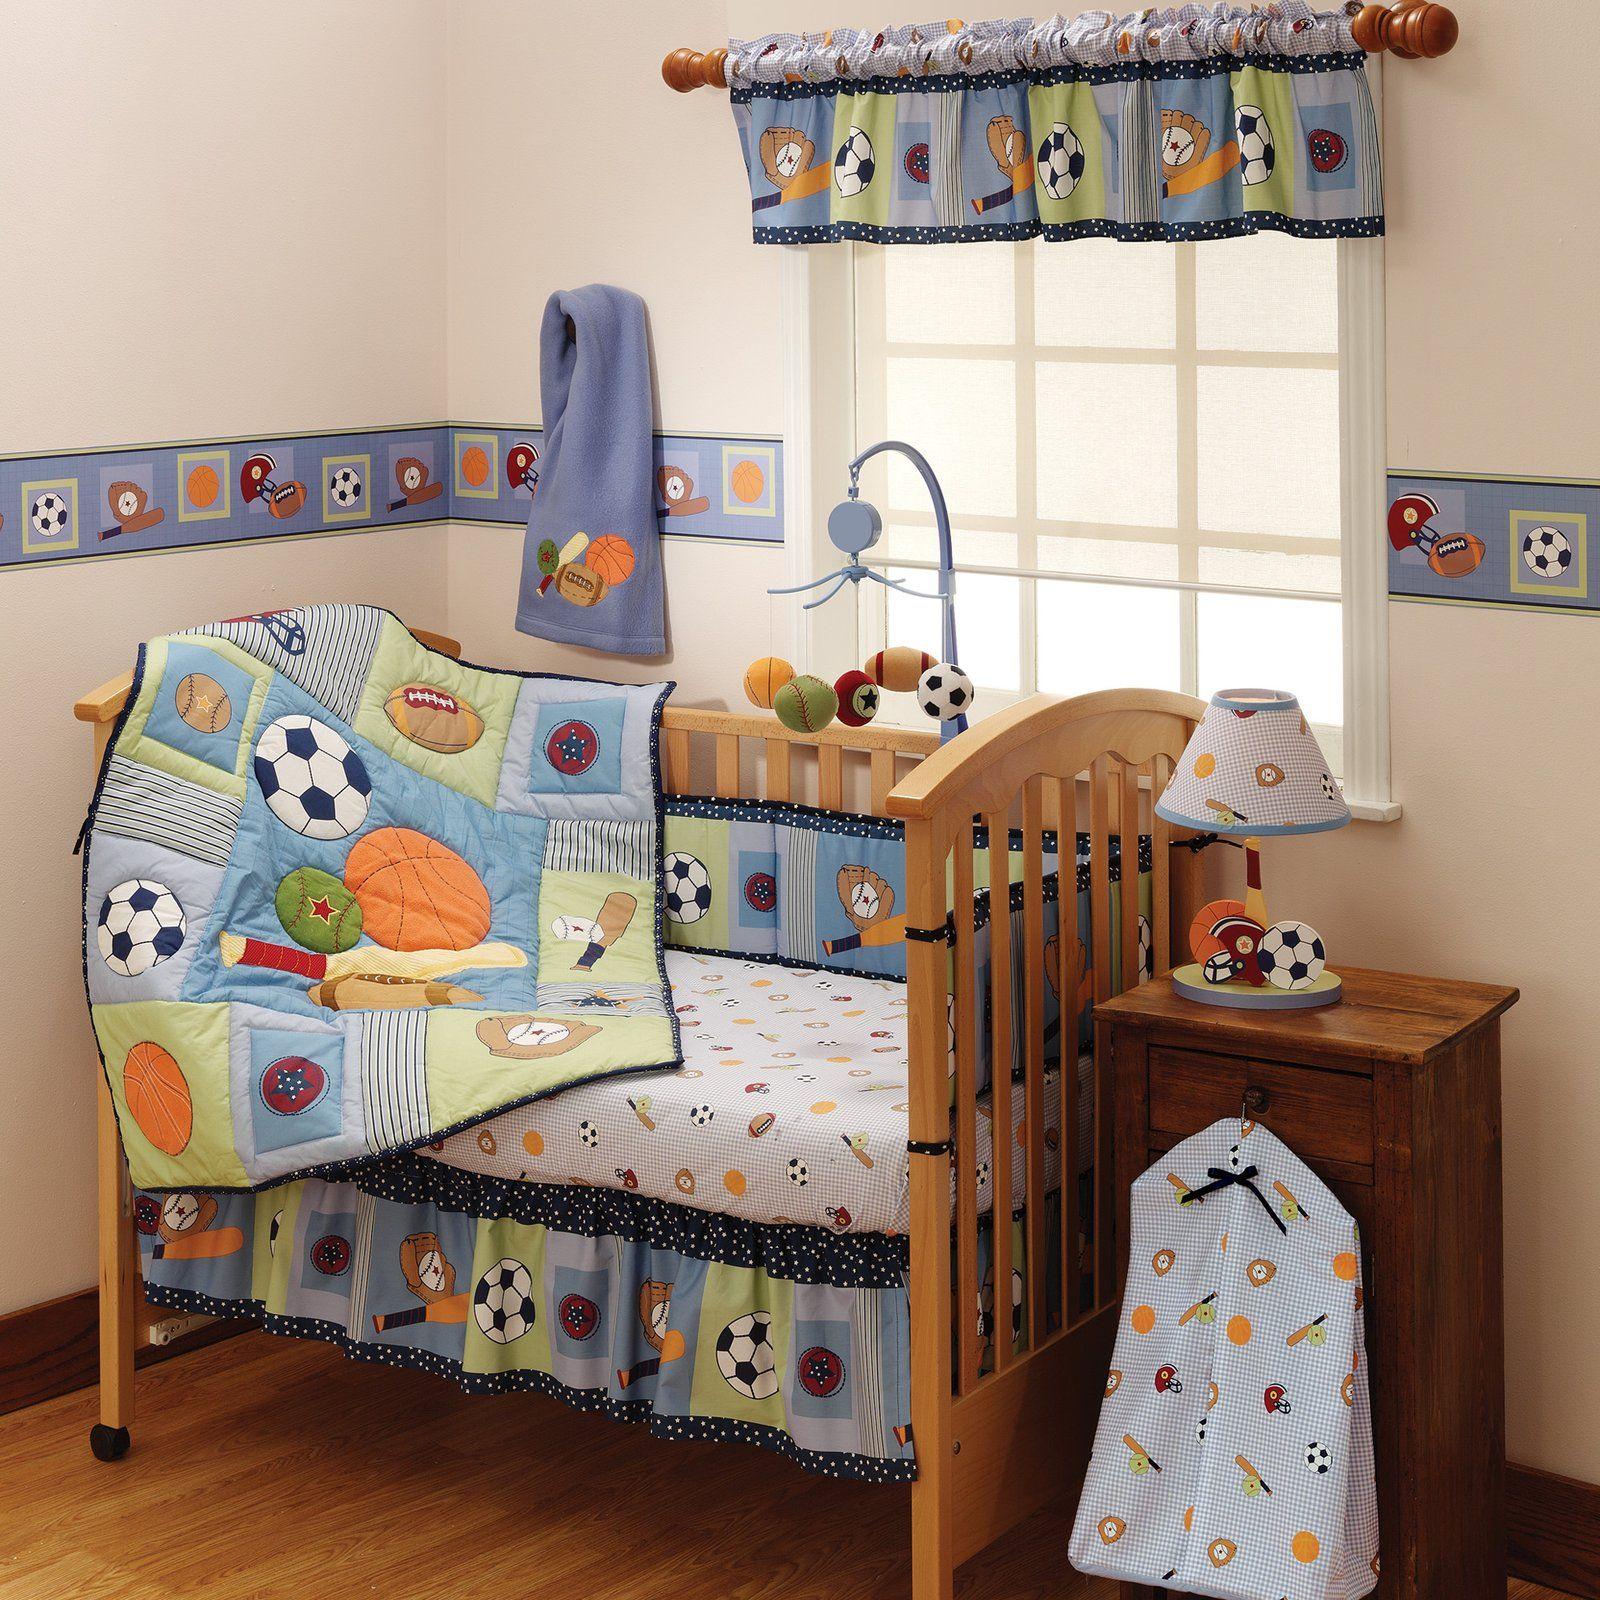 Bedtime Originals Super Sports 3 Piece Crib Set - Best Price I FOUND SOCCER BALLS !!!!!